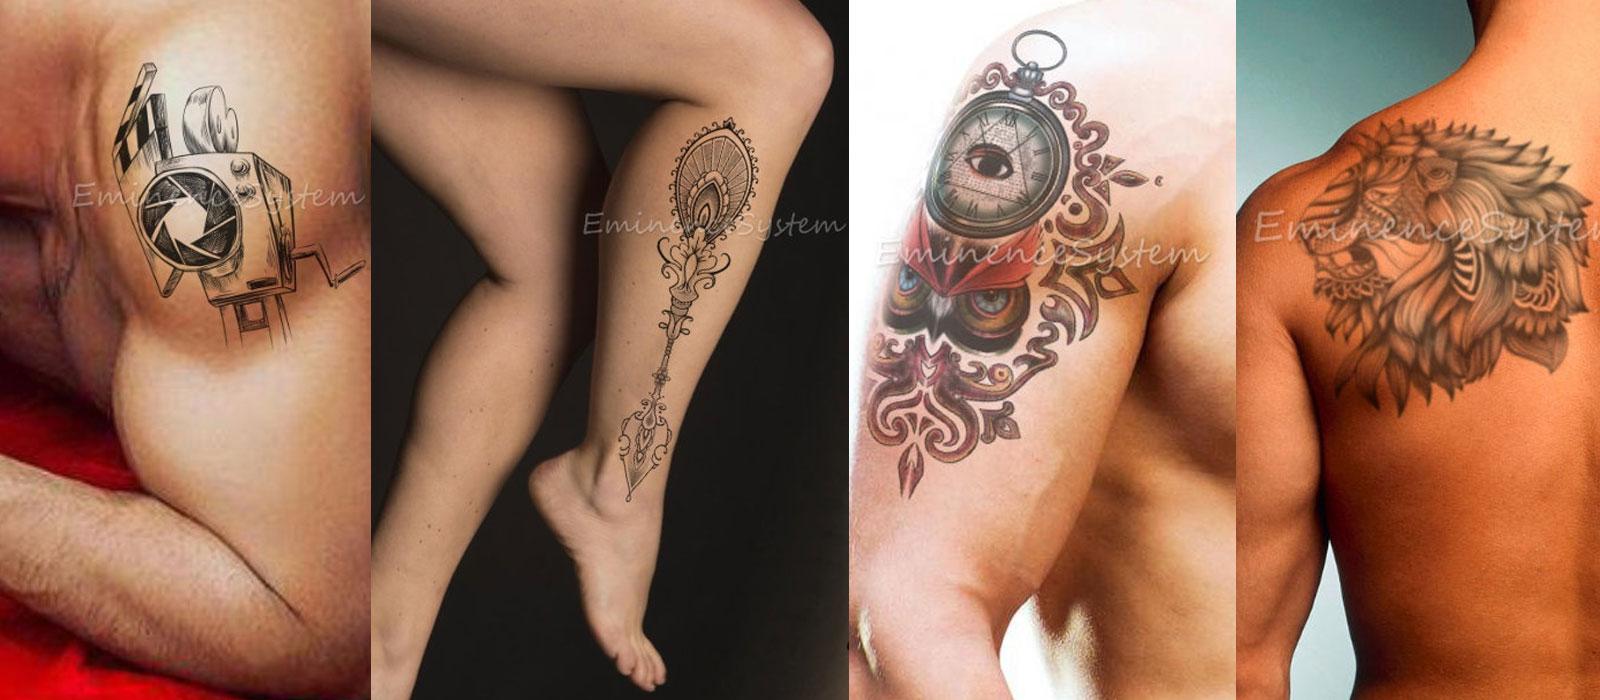 Tattoo Illustration Styles